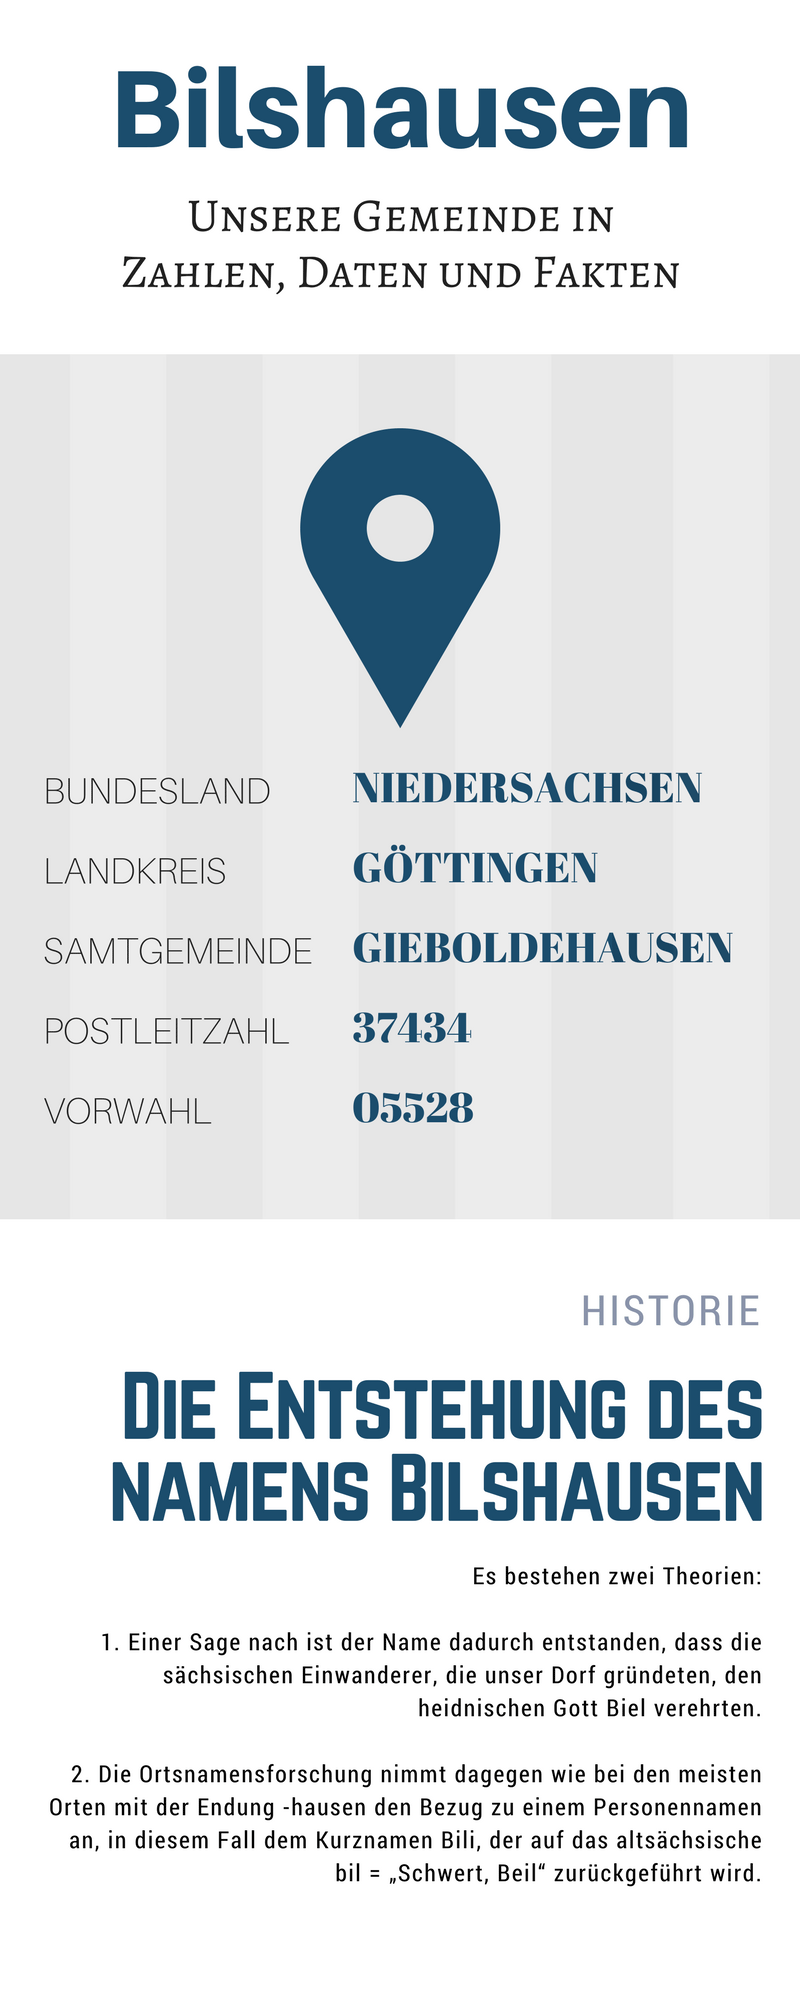 Bilshausen_Infografik1